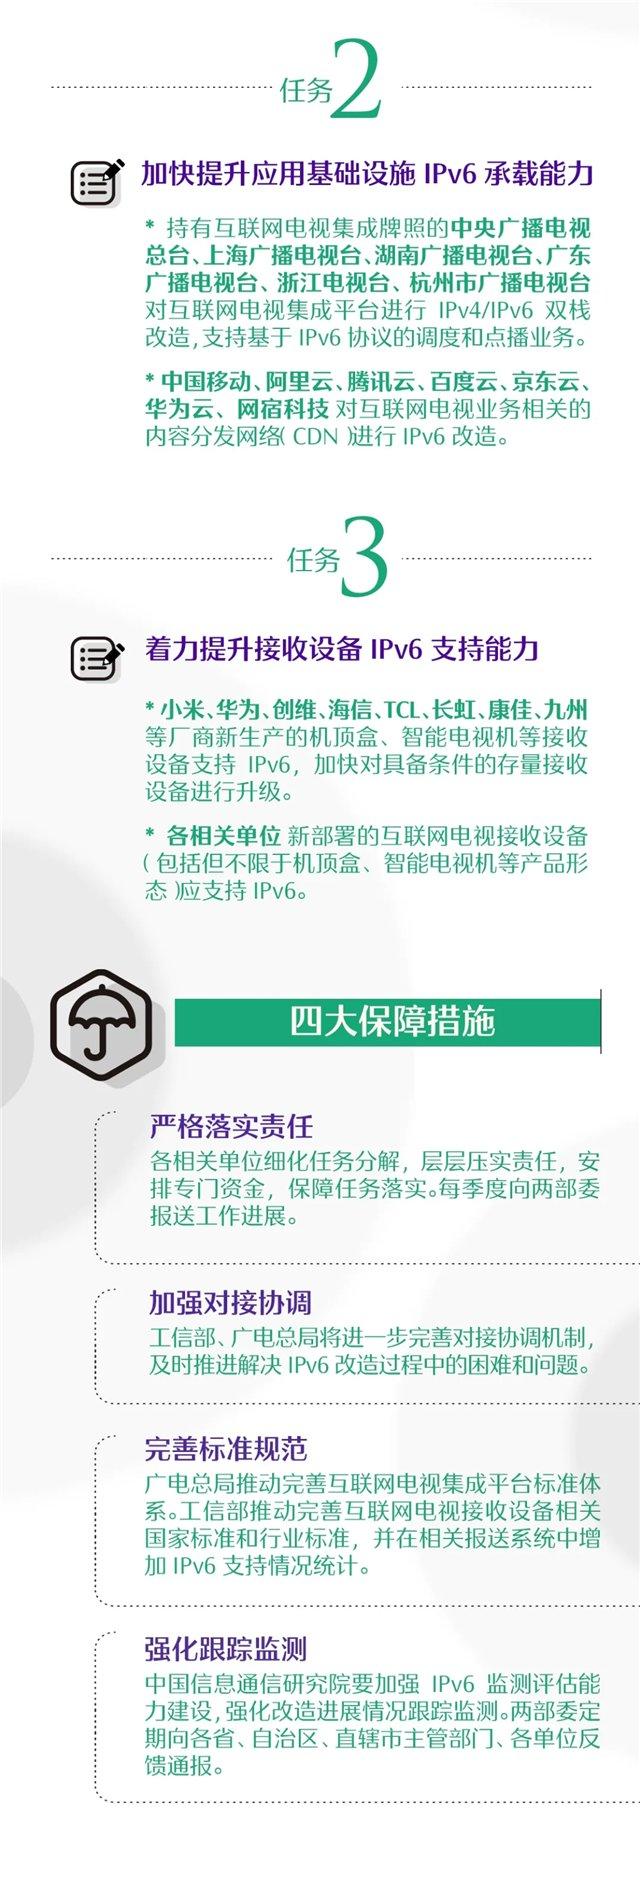 互联网电视业务IPv6改造 哪些板块最先受益?